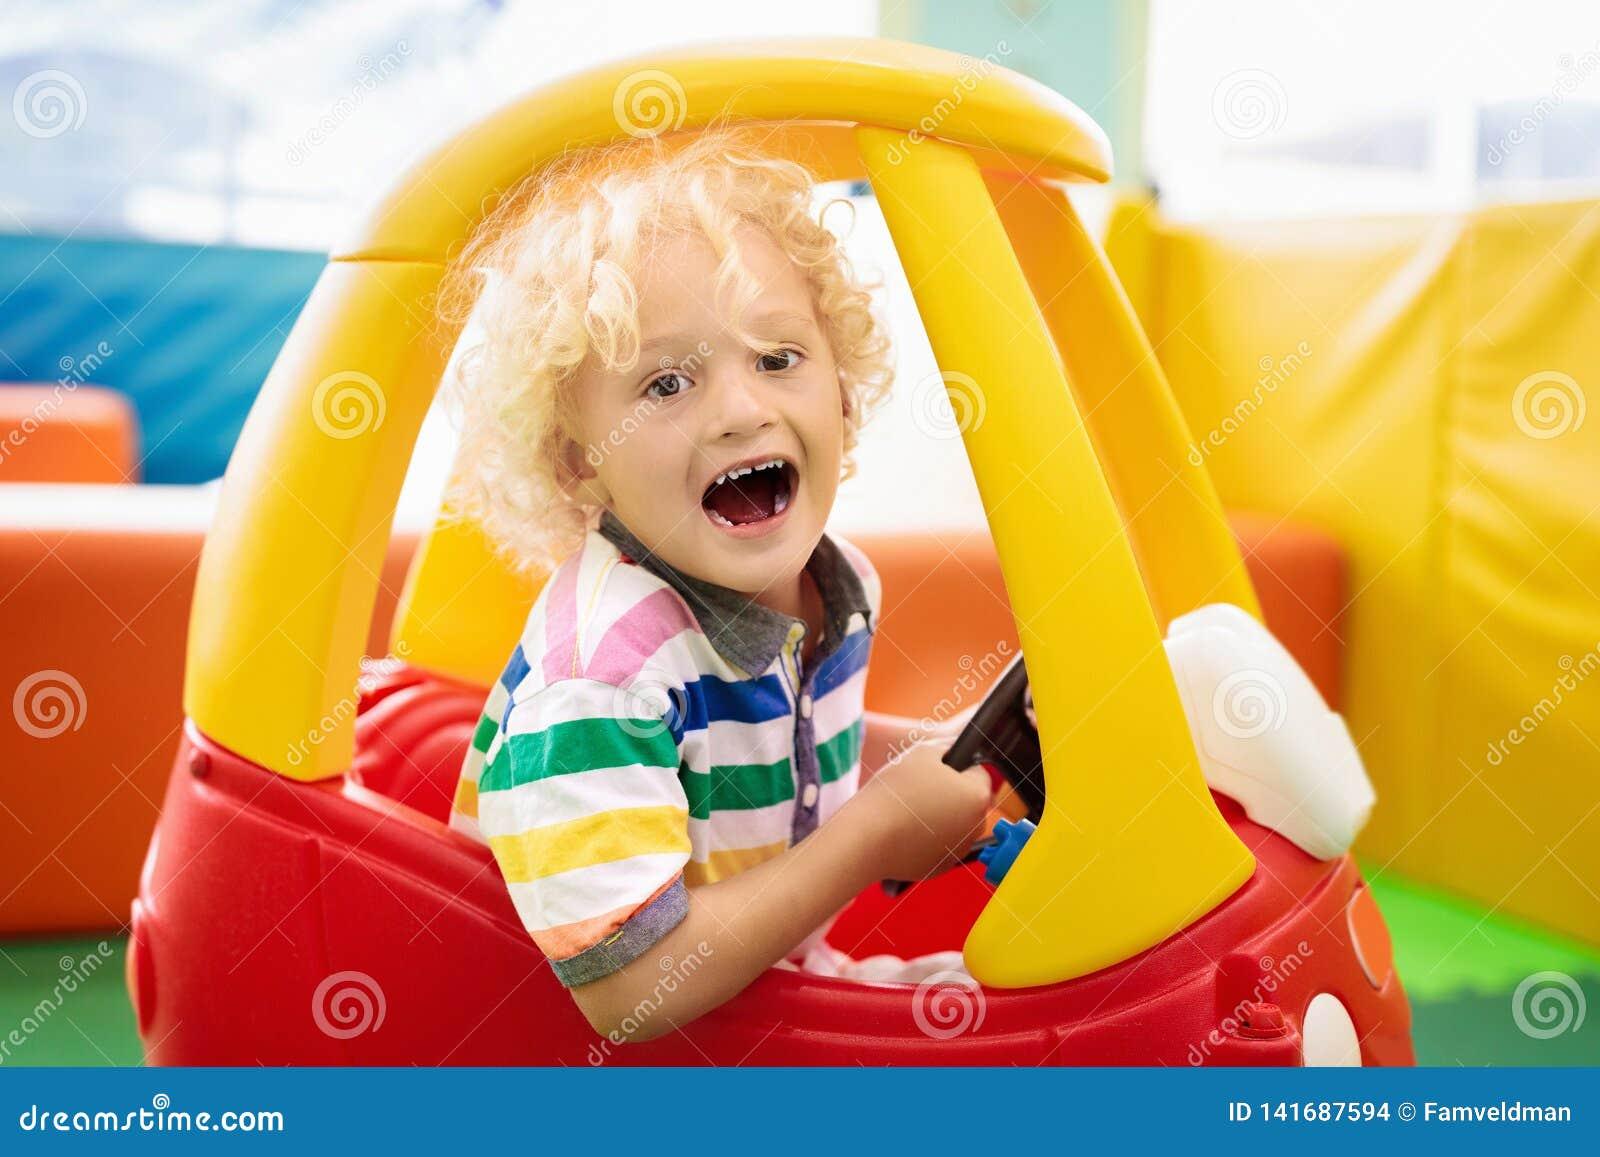 Dziecko jazdy zabawki samochód małe chłopiec zabawki